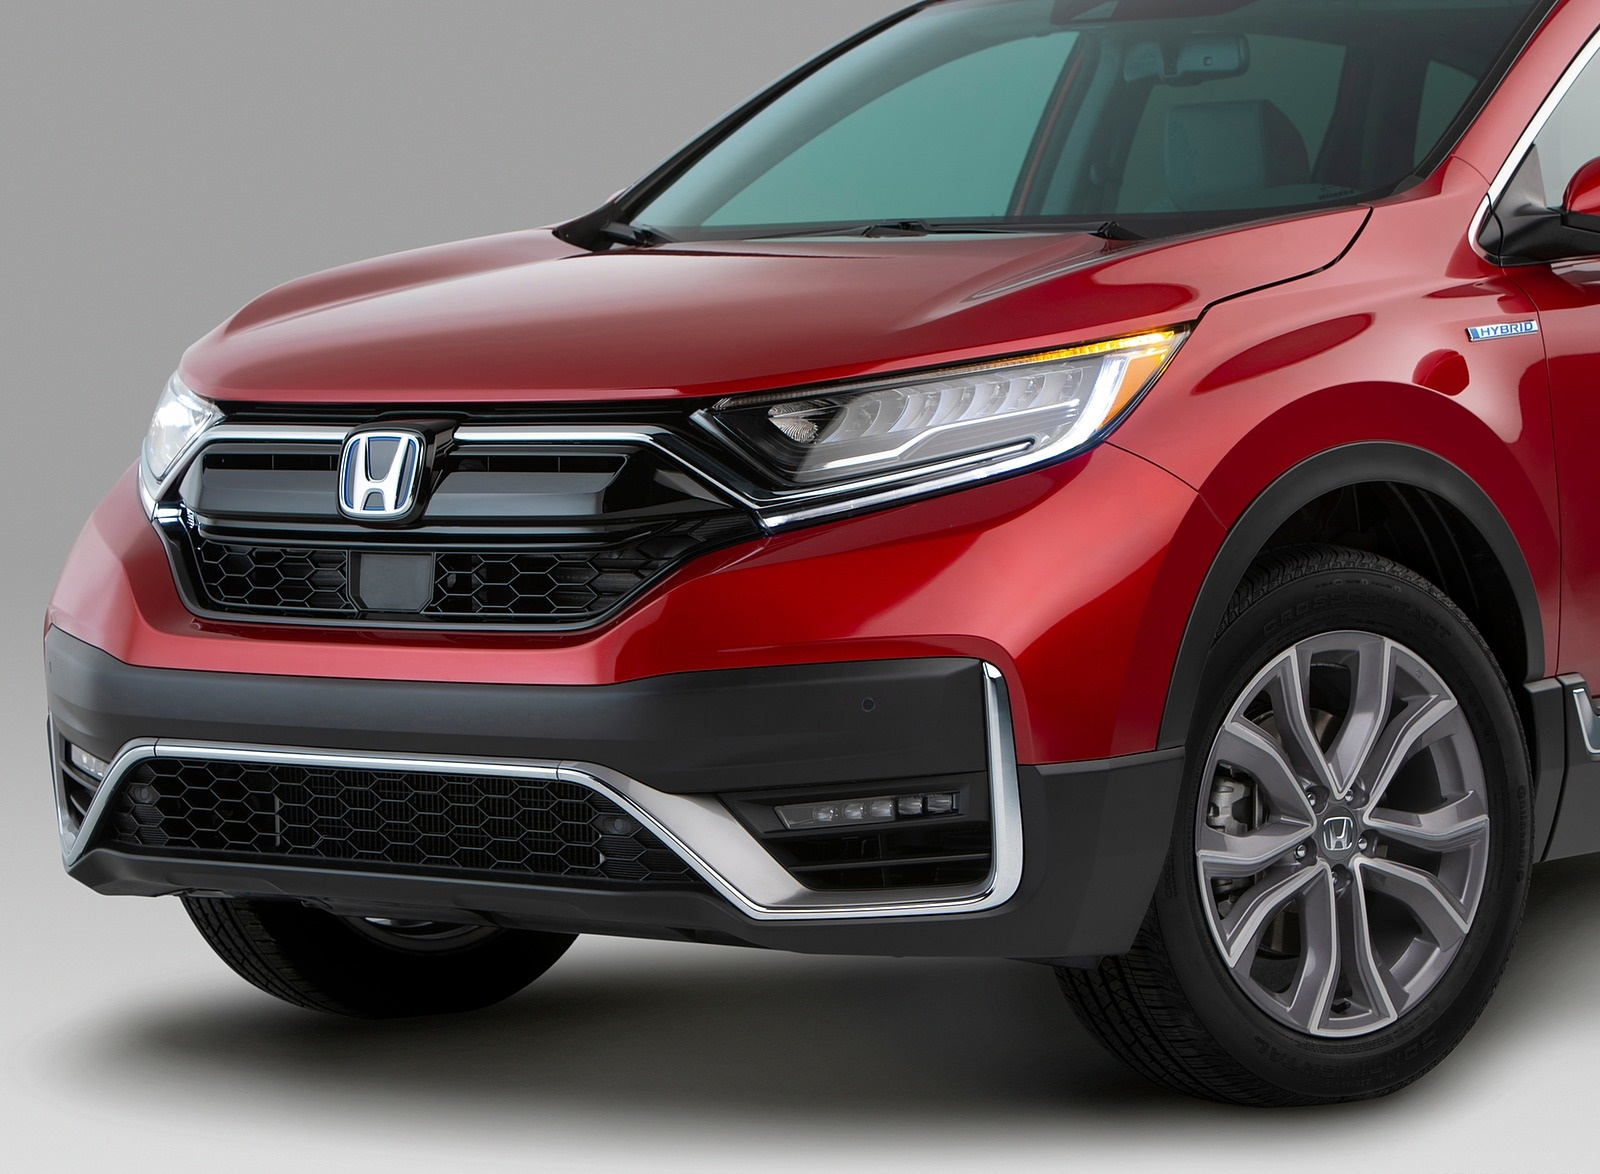 2020 Honda CR-V Hybrid Detail Wallpapers (8)